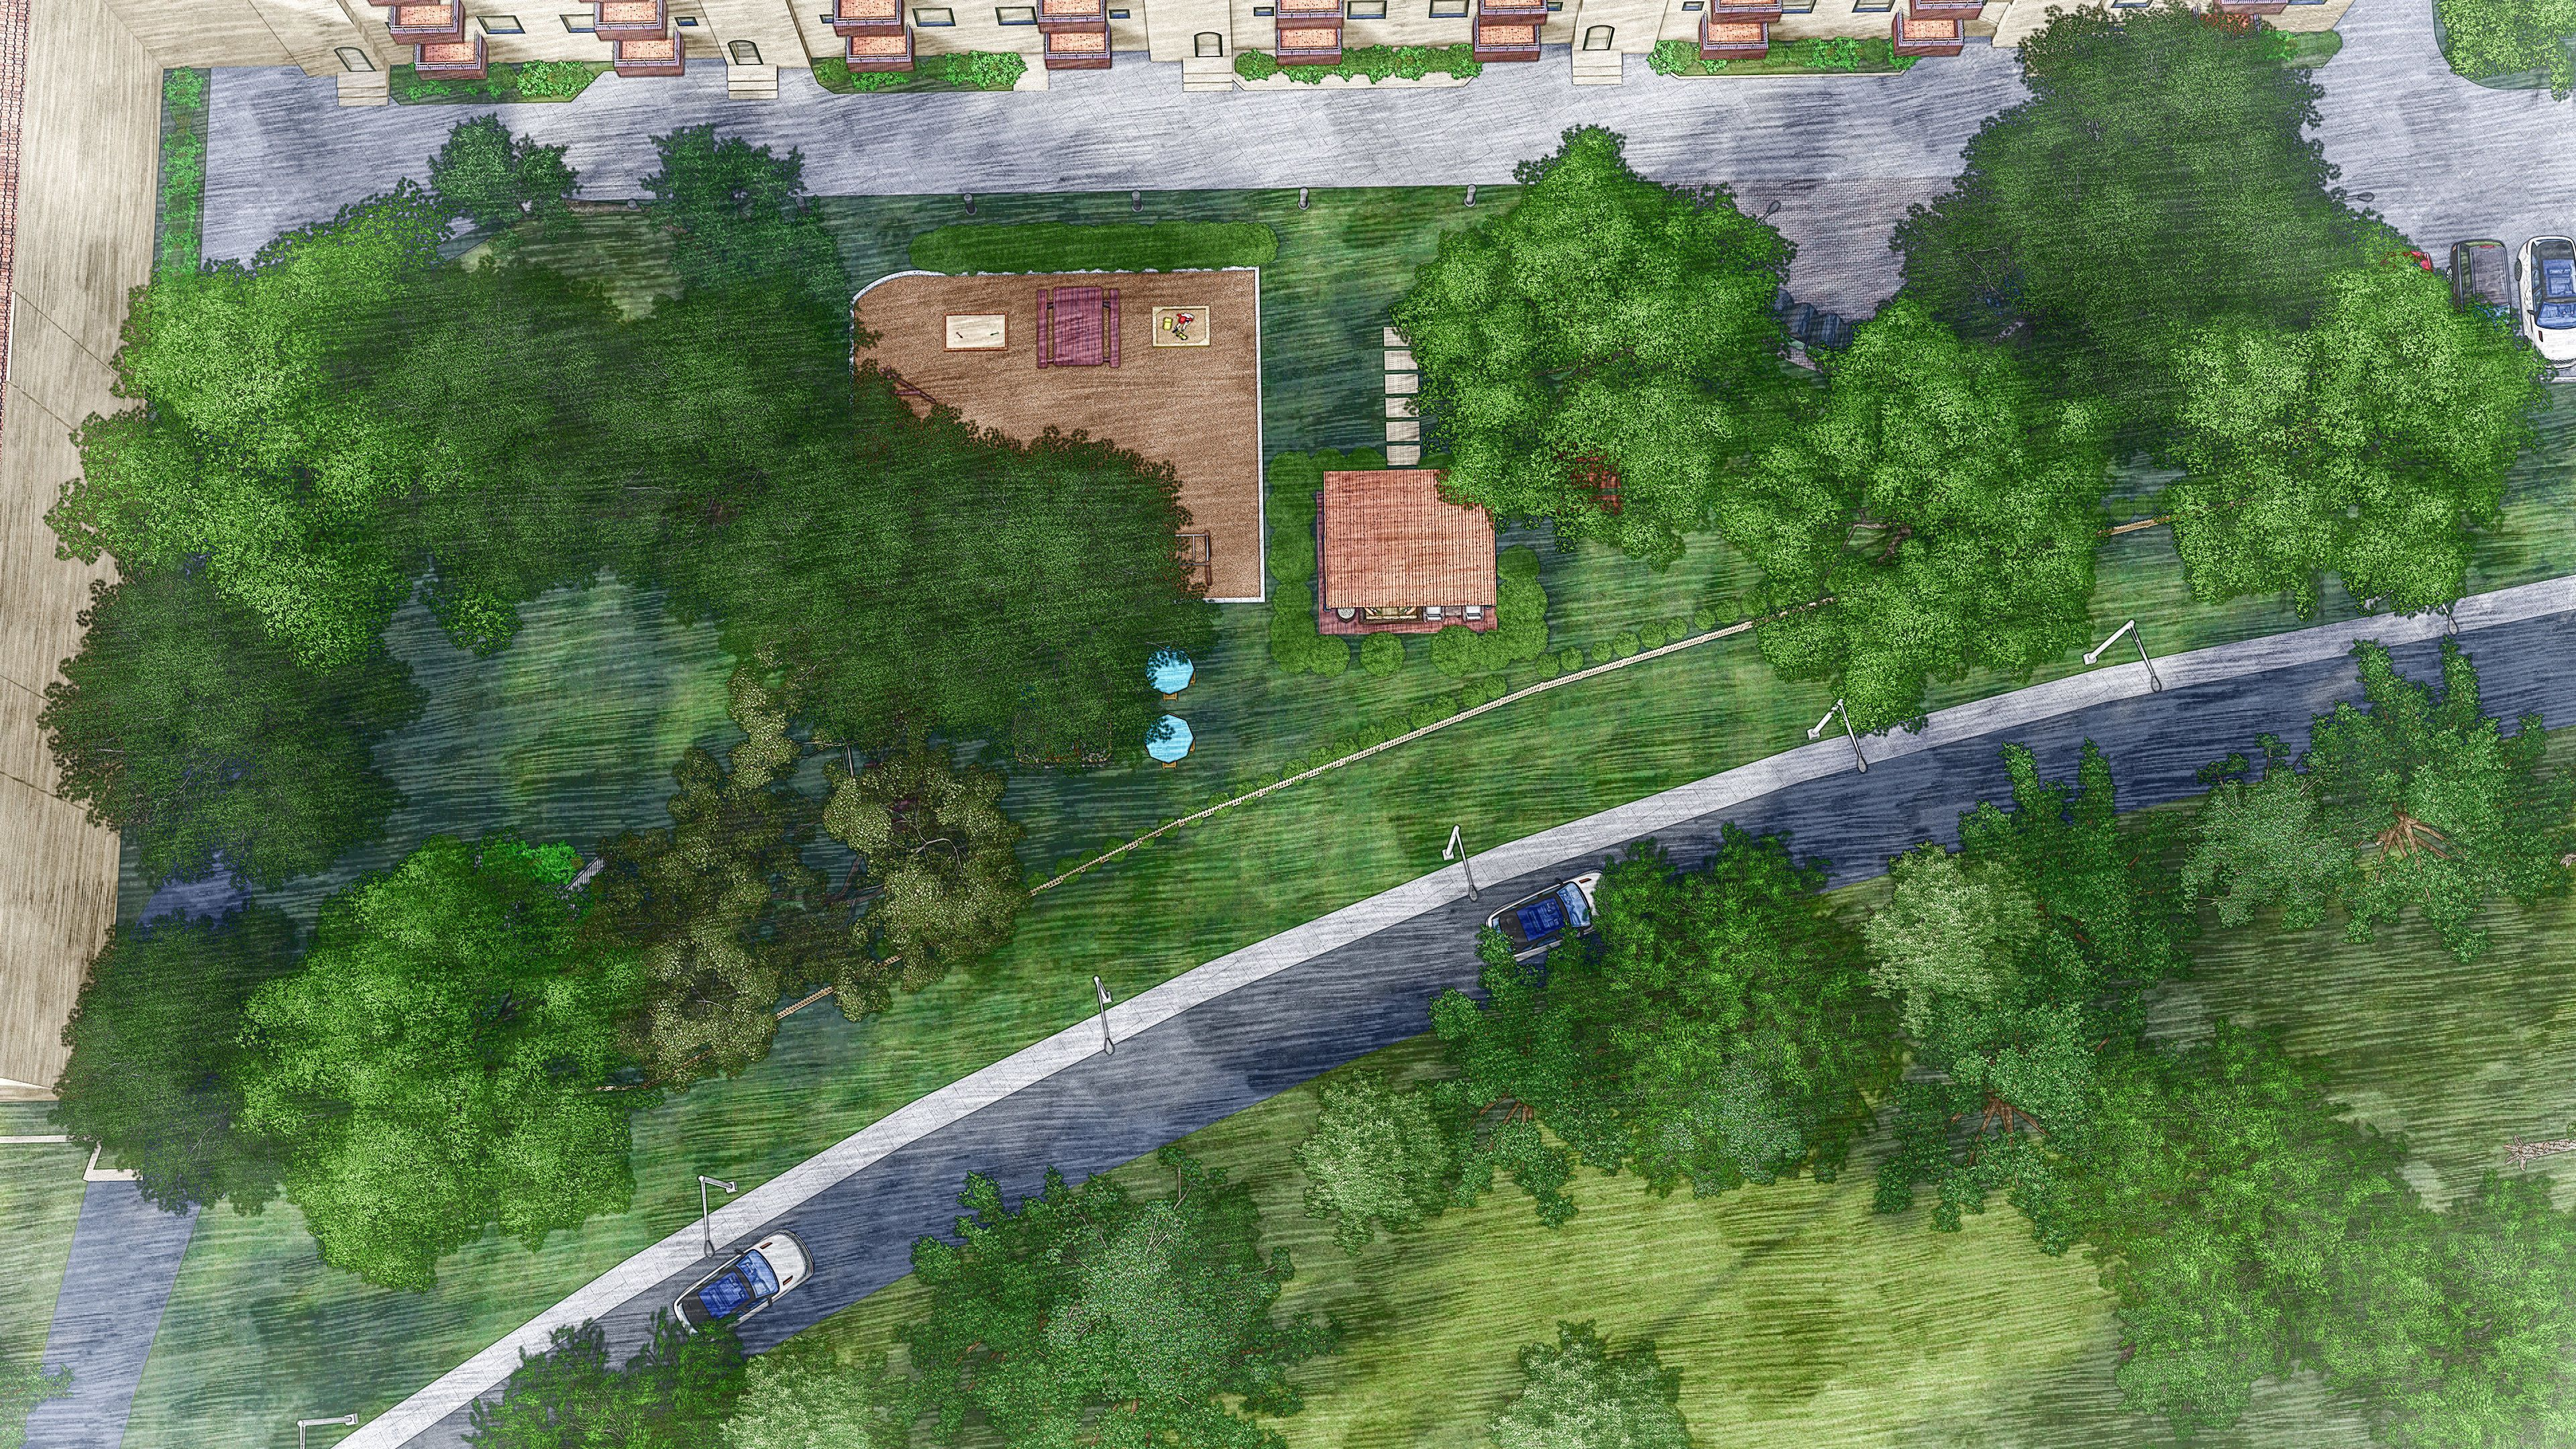 Landscape Design And Visualization Of A Park 3d Model